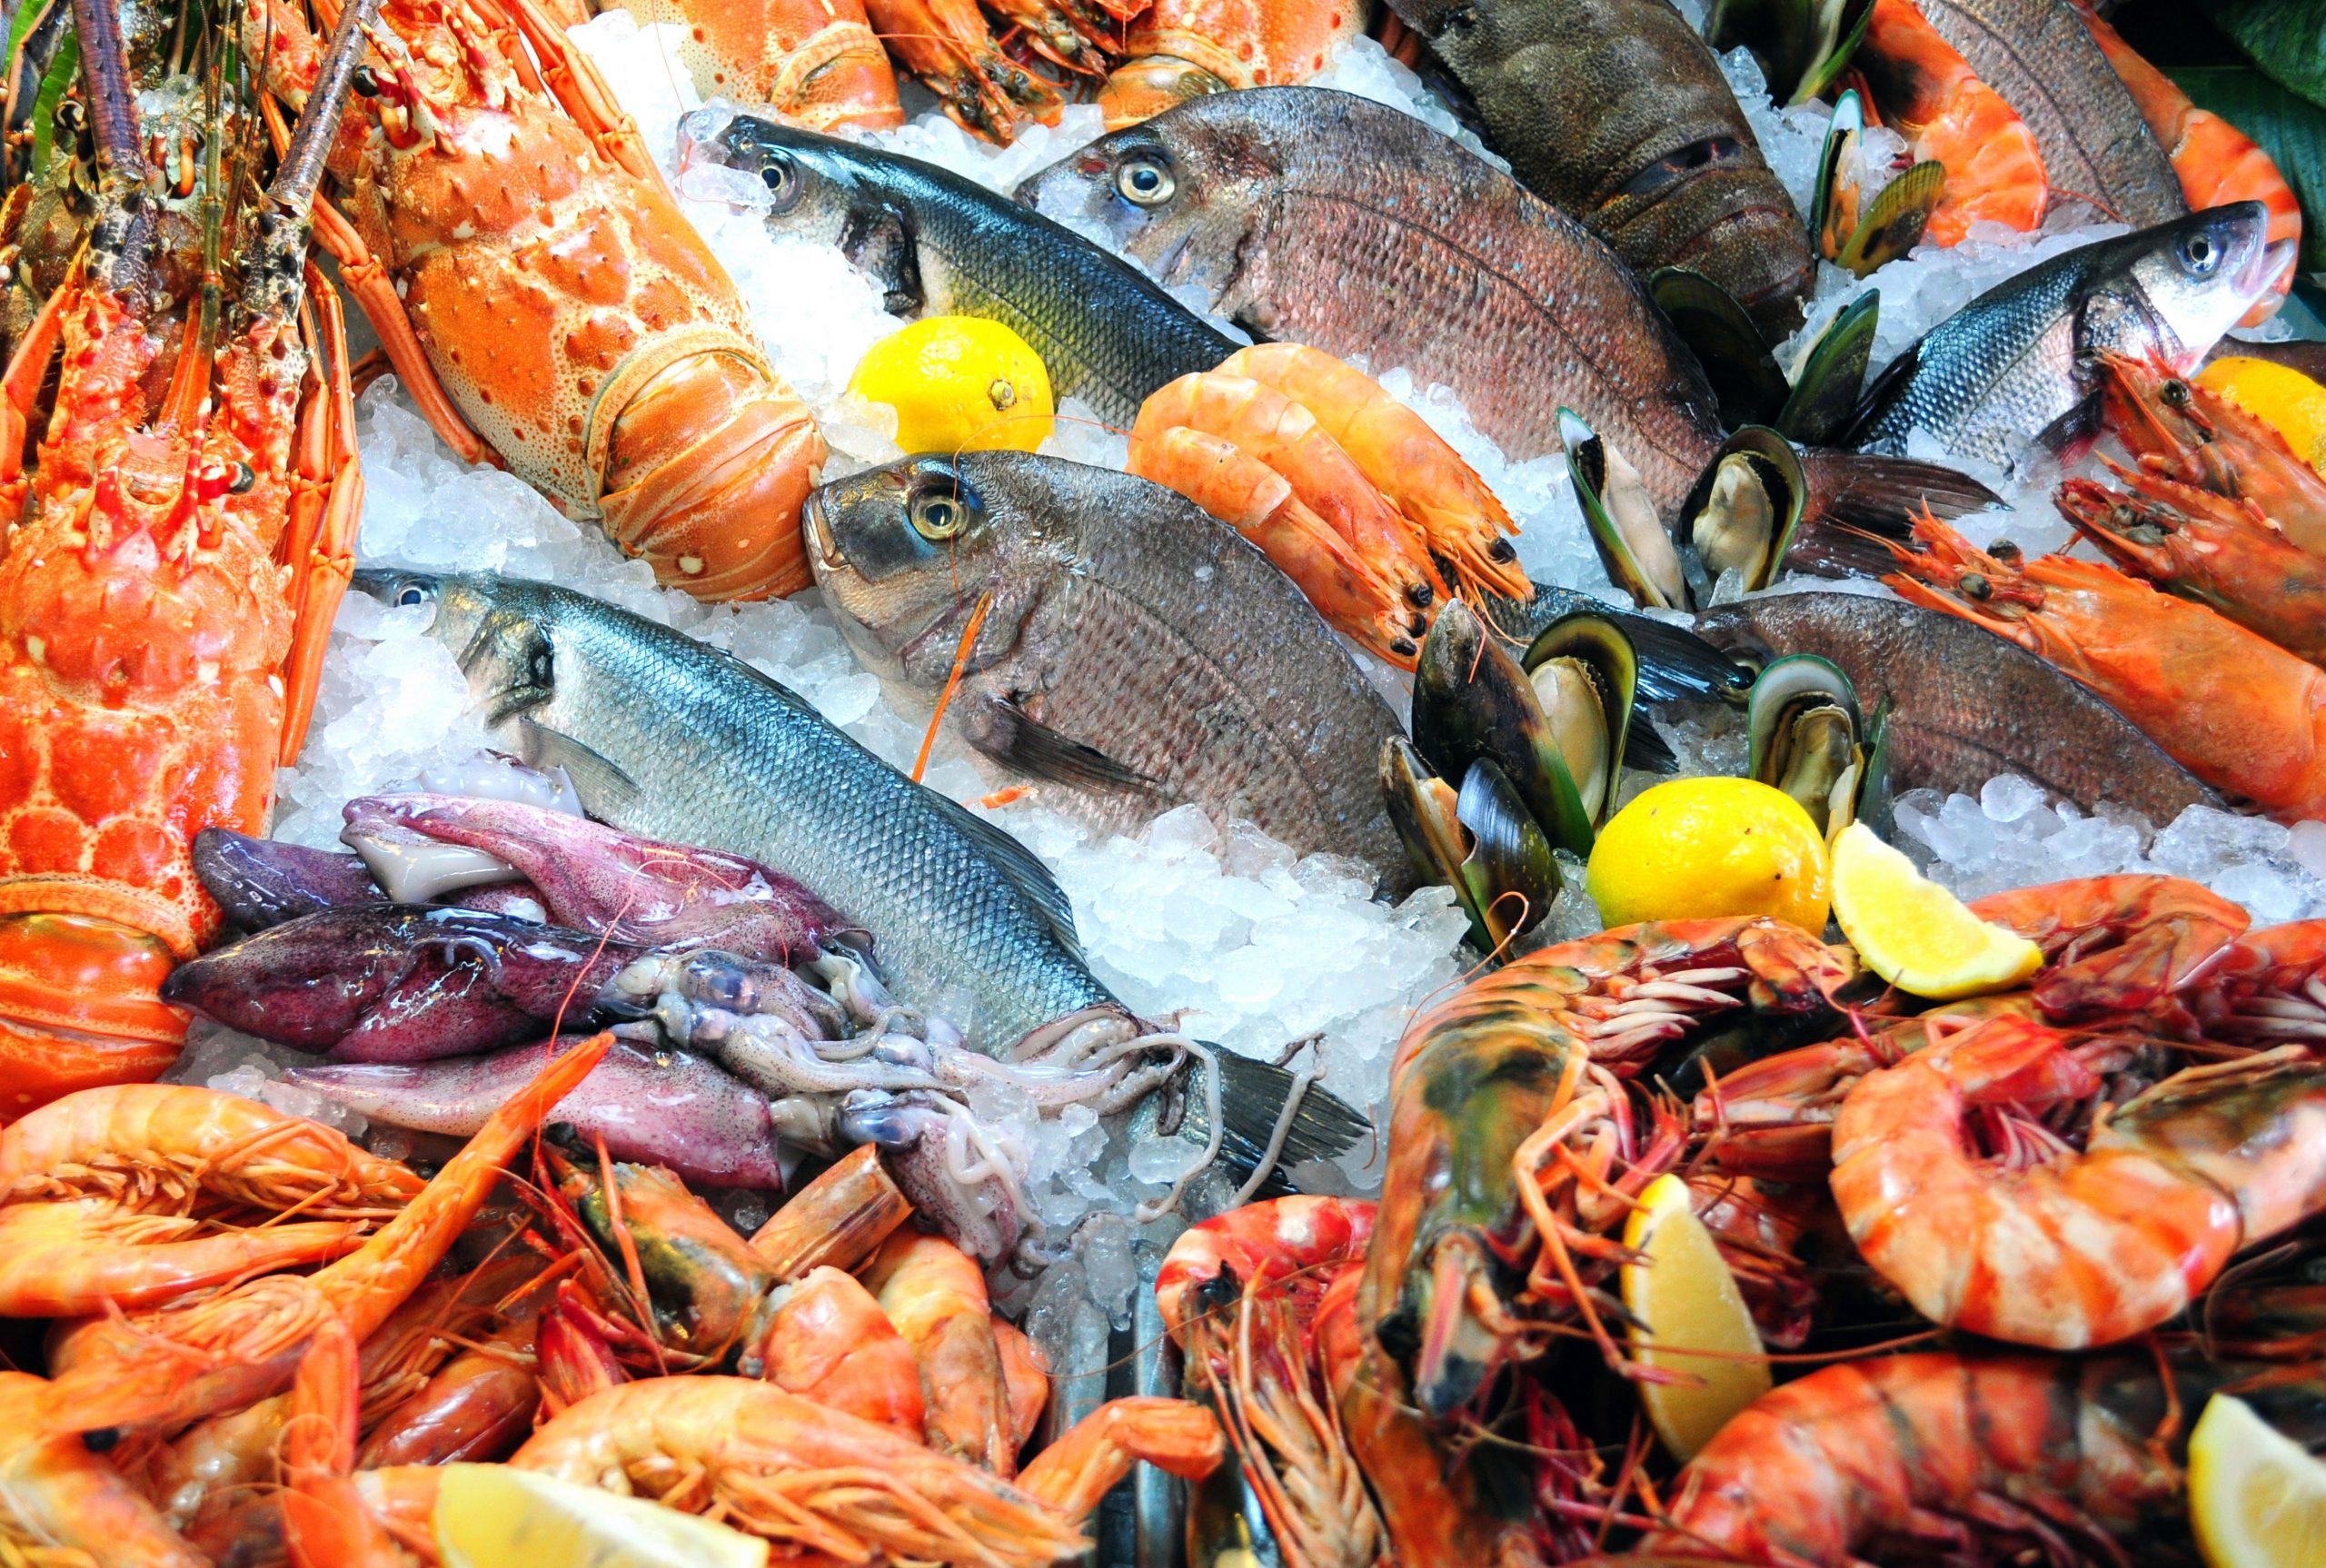 تفسير حلم رؤية بائع سمك في المنام.